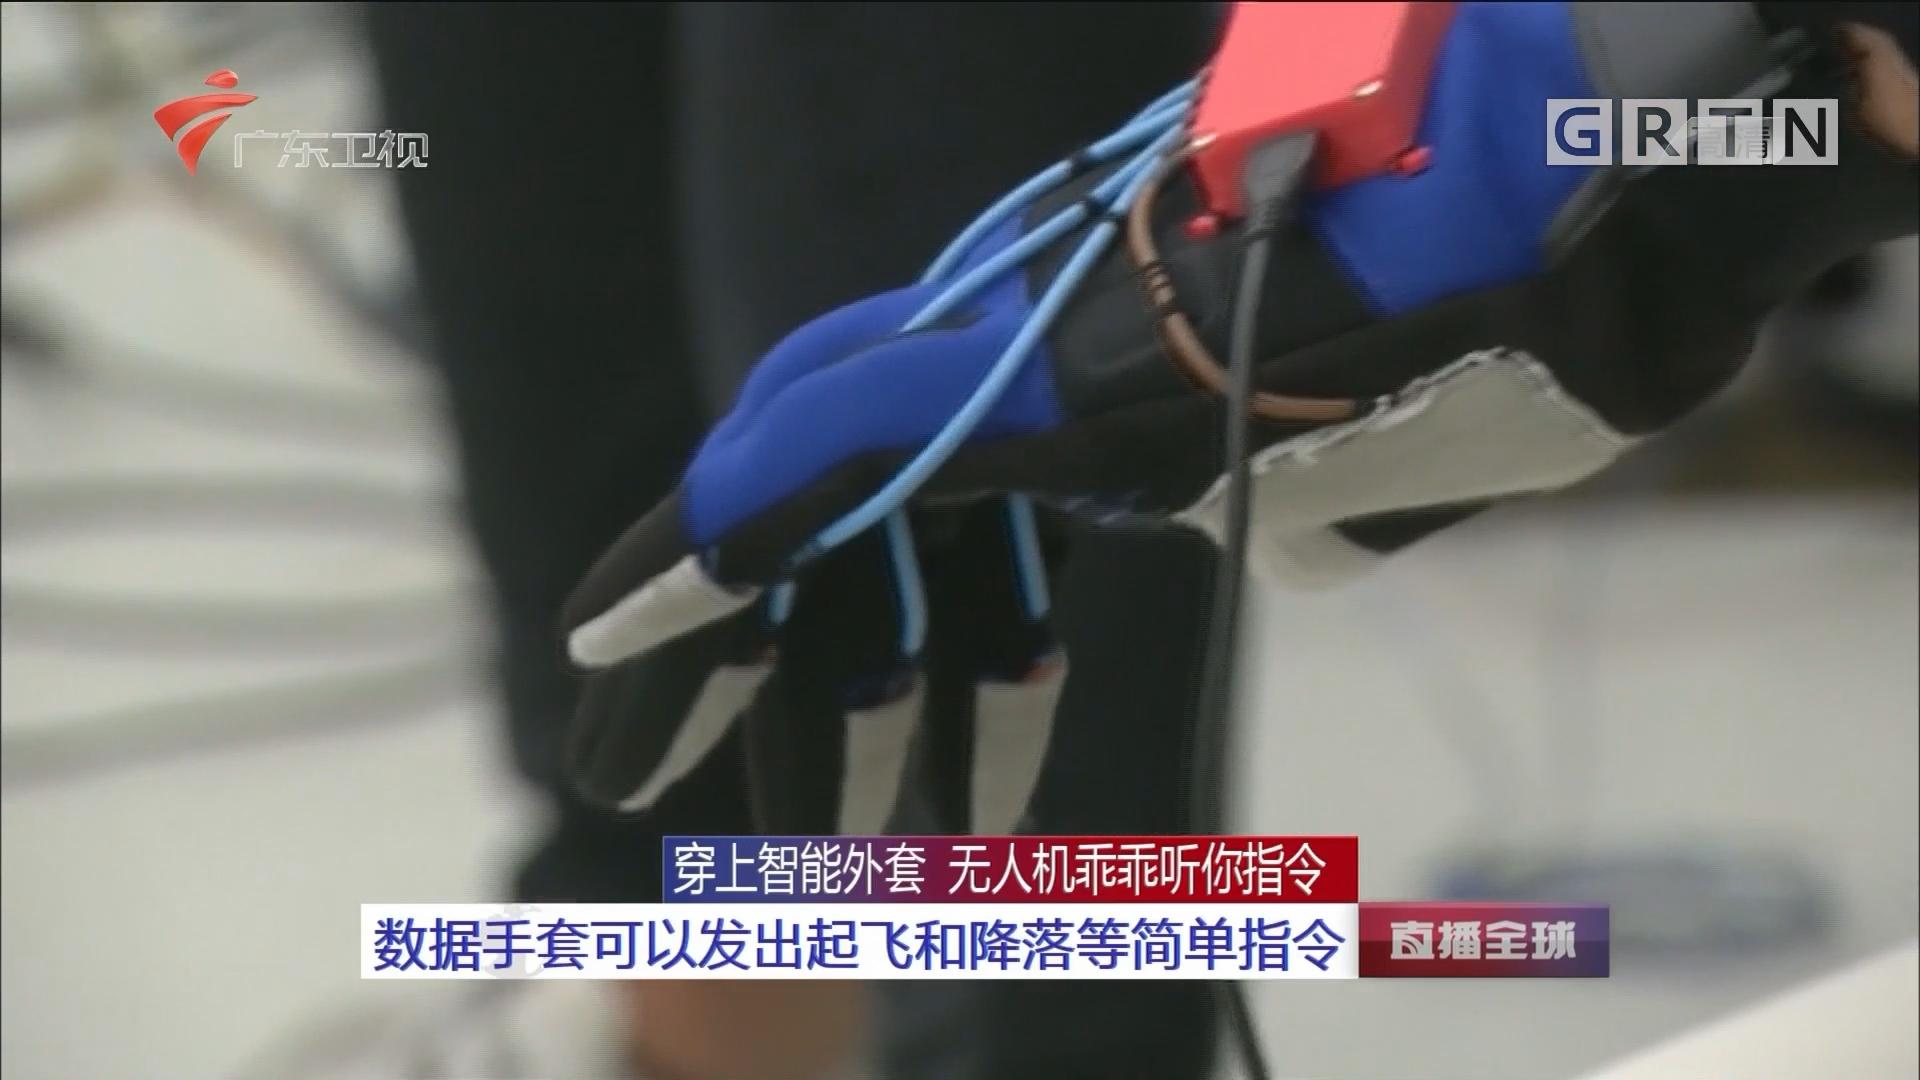 穿上智能外套 无人机乖乖听你指令:数据手套可以发出起飞和降落等简单指令